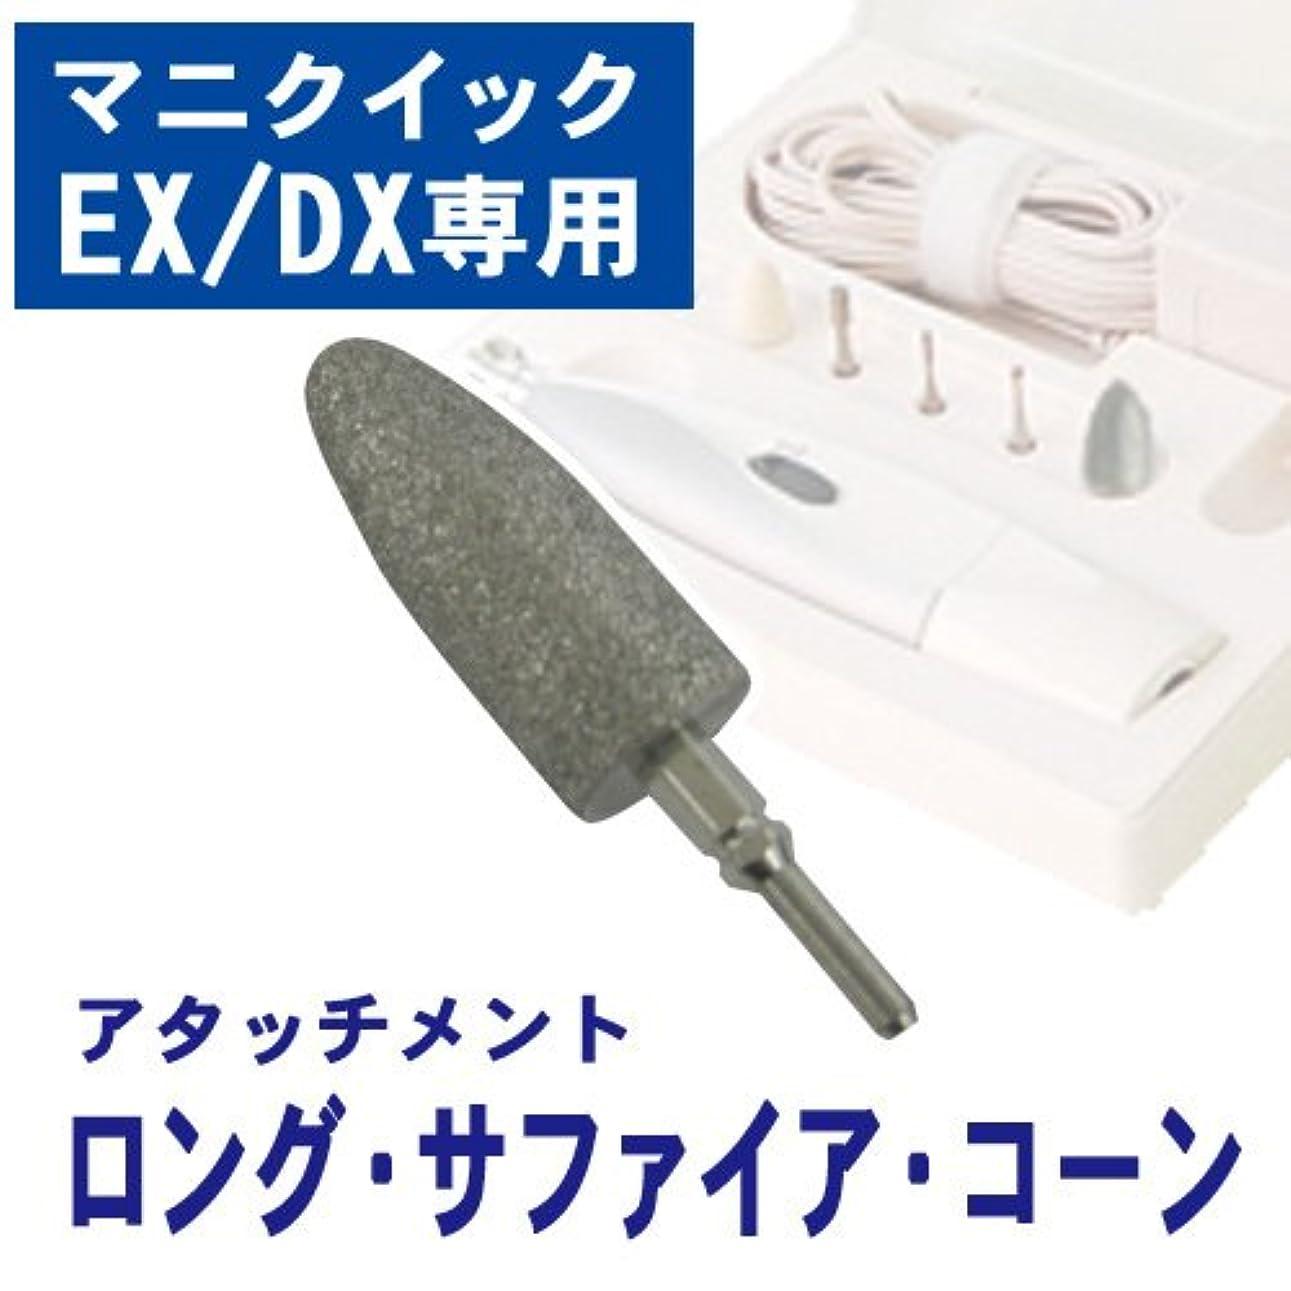 エミュレーションホバー深いマニクイックEX/DX 専用アタッチメント ( ロング?サファイア?コーン )